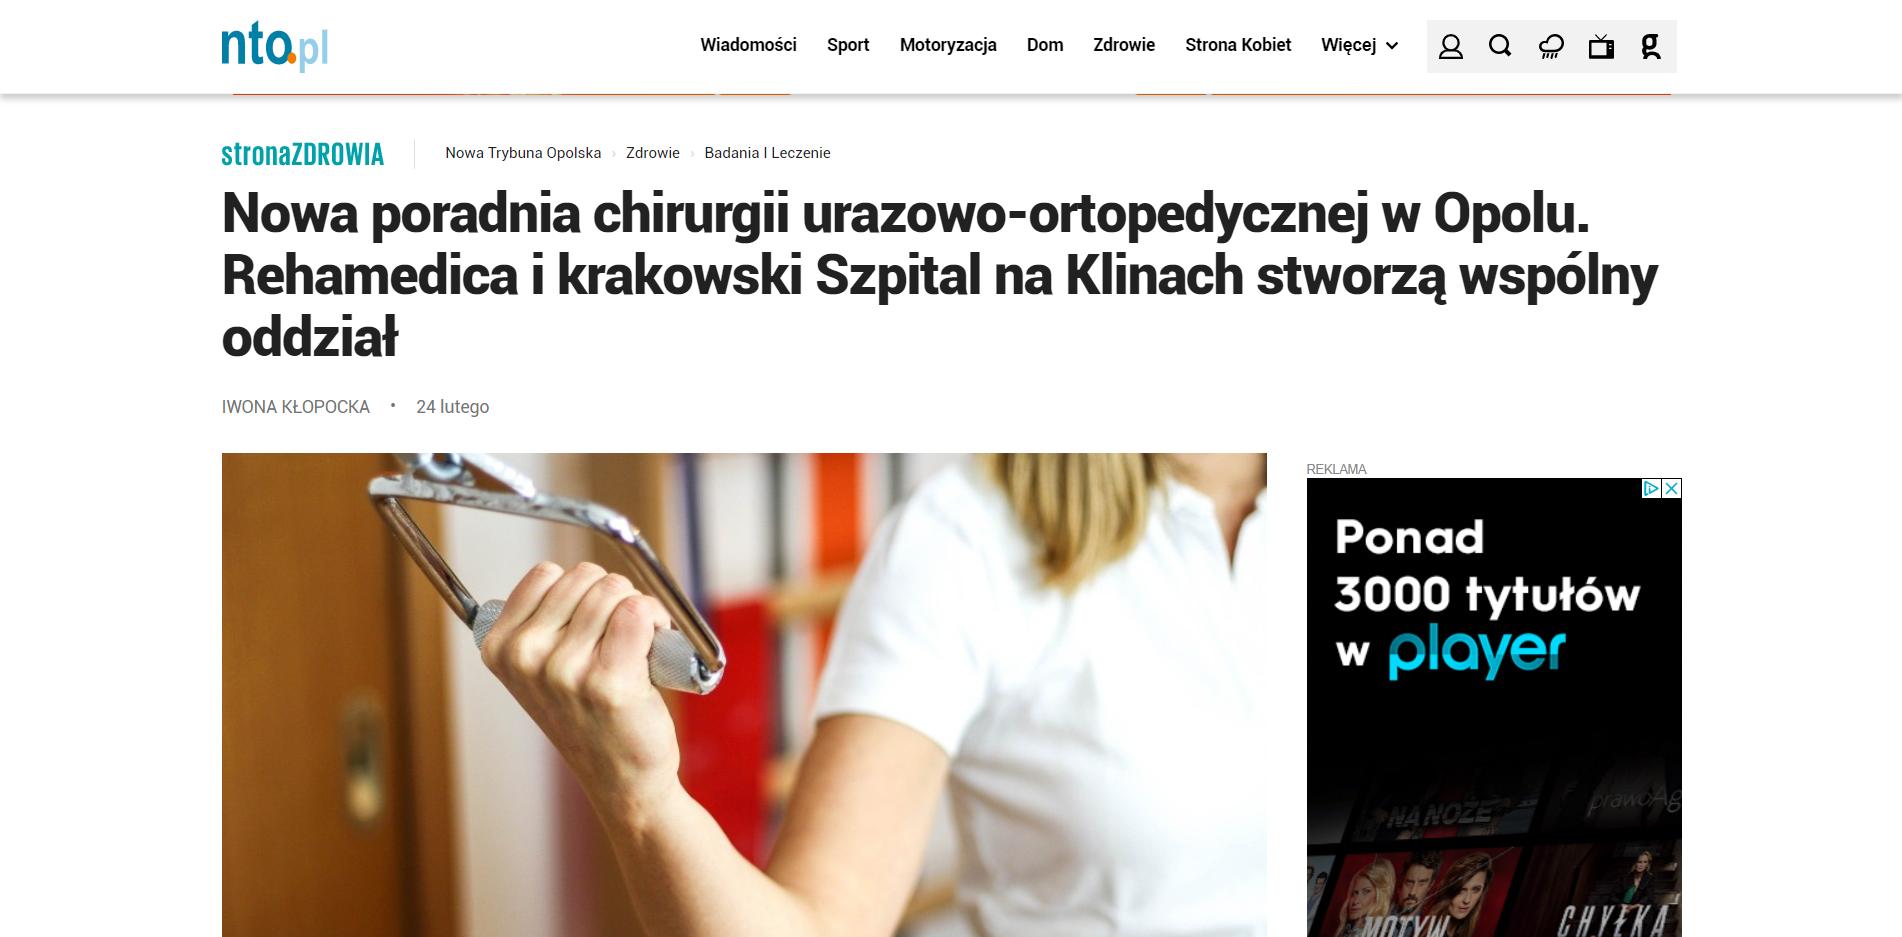 Nowa poradnia chirurgii urazowo-ortopedycznej w Opolu. Rehamedica i krakowski Szpital na Klinach stworzą wspólny oddział